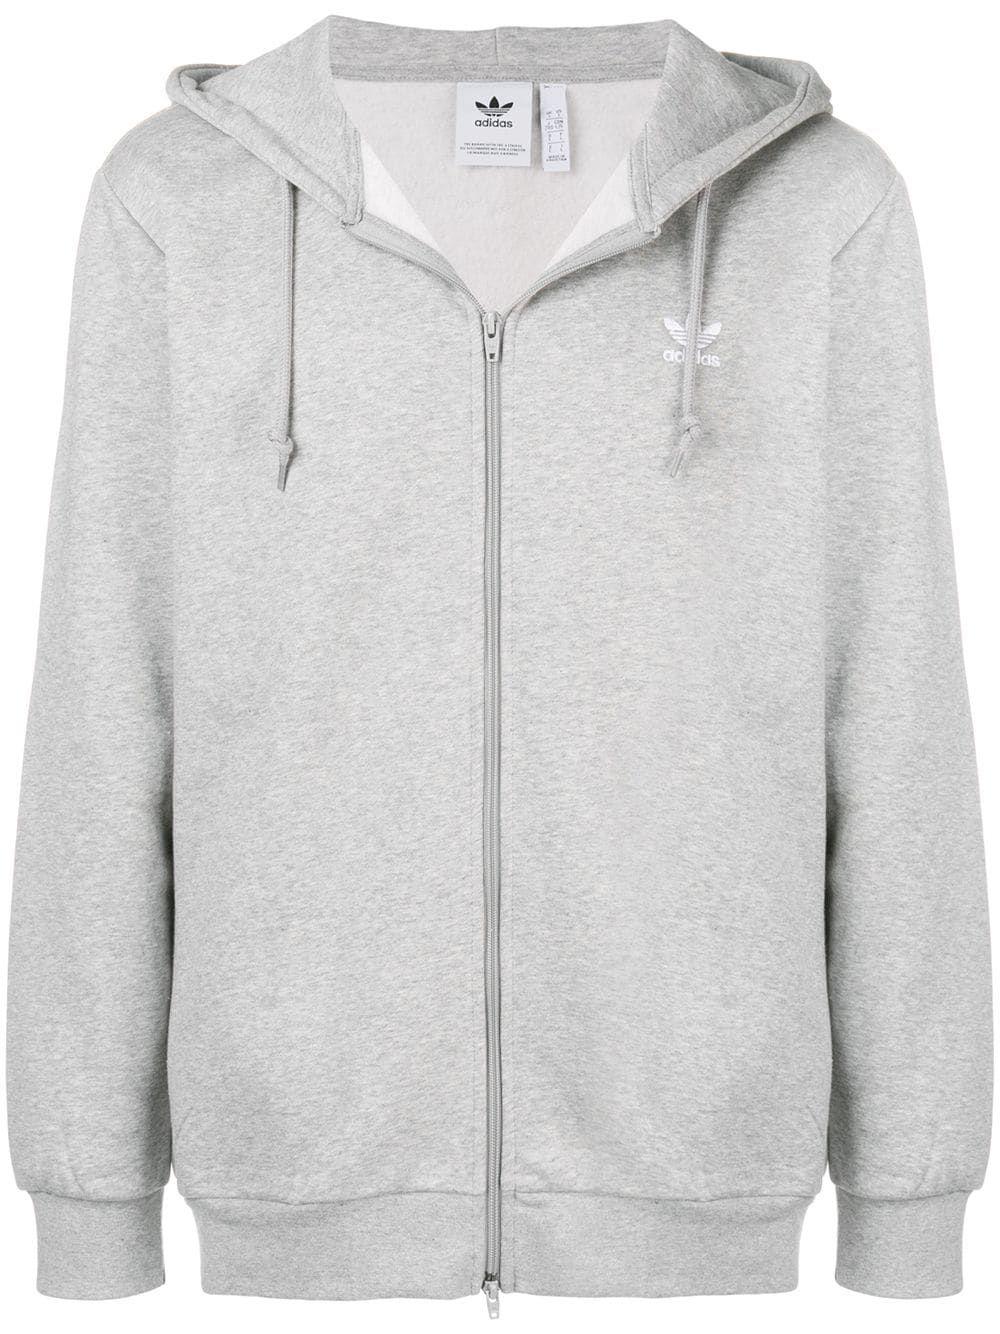 Adidas Oversized Zip Front Hoodie Farfetch Hoodies Hoodies Shop Grey Hoodie [ 1334 x 1000 Pixel ]